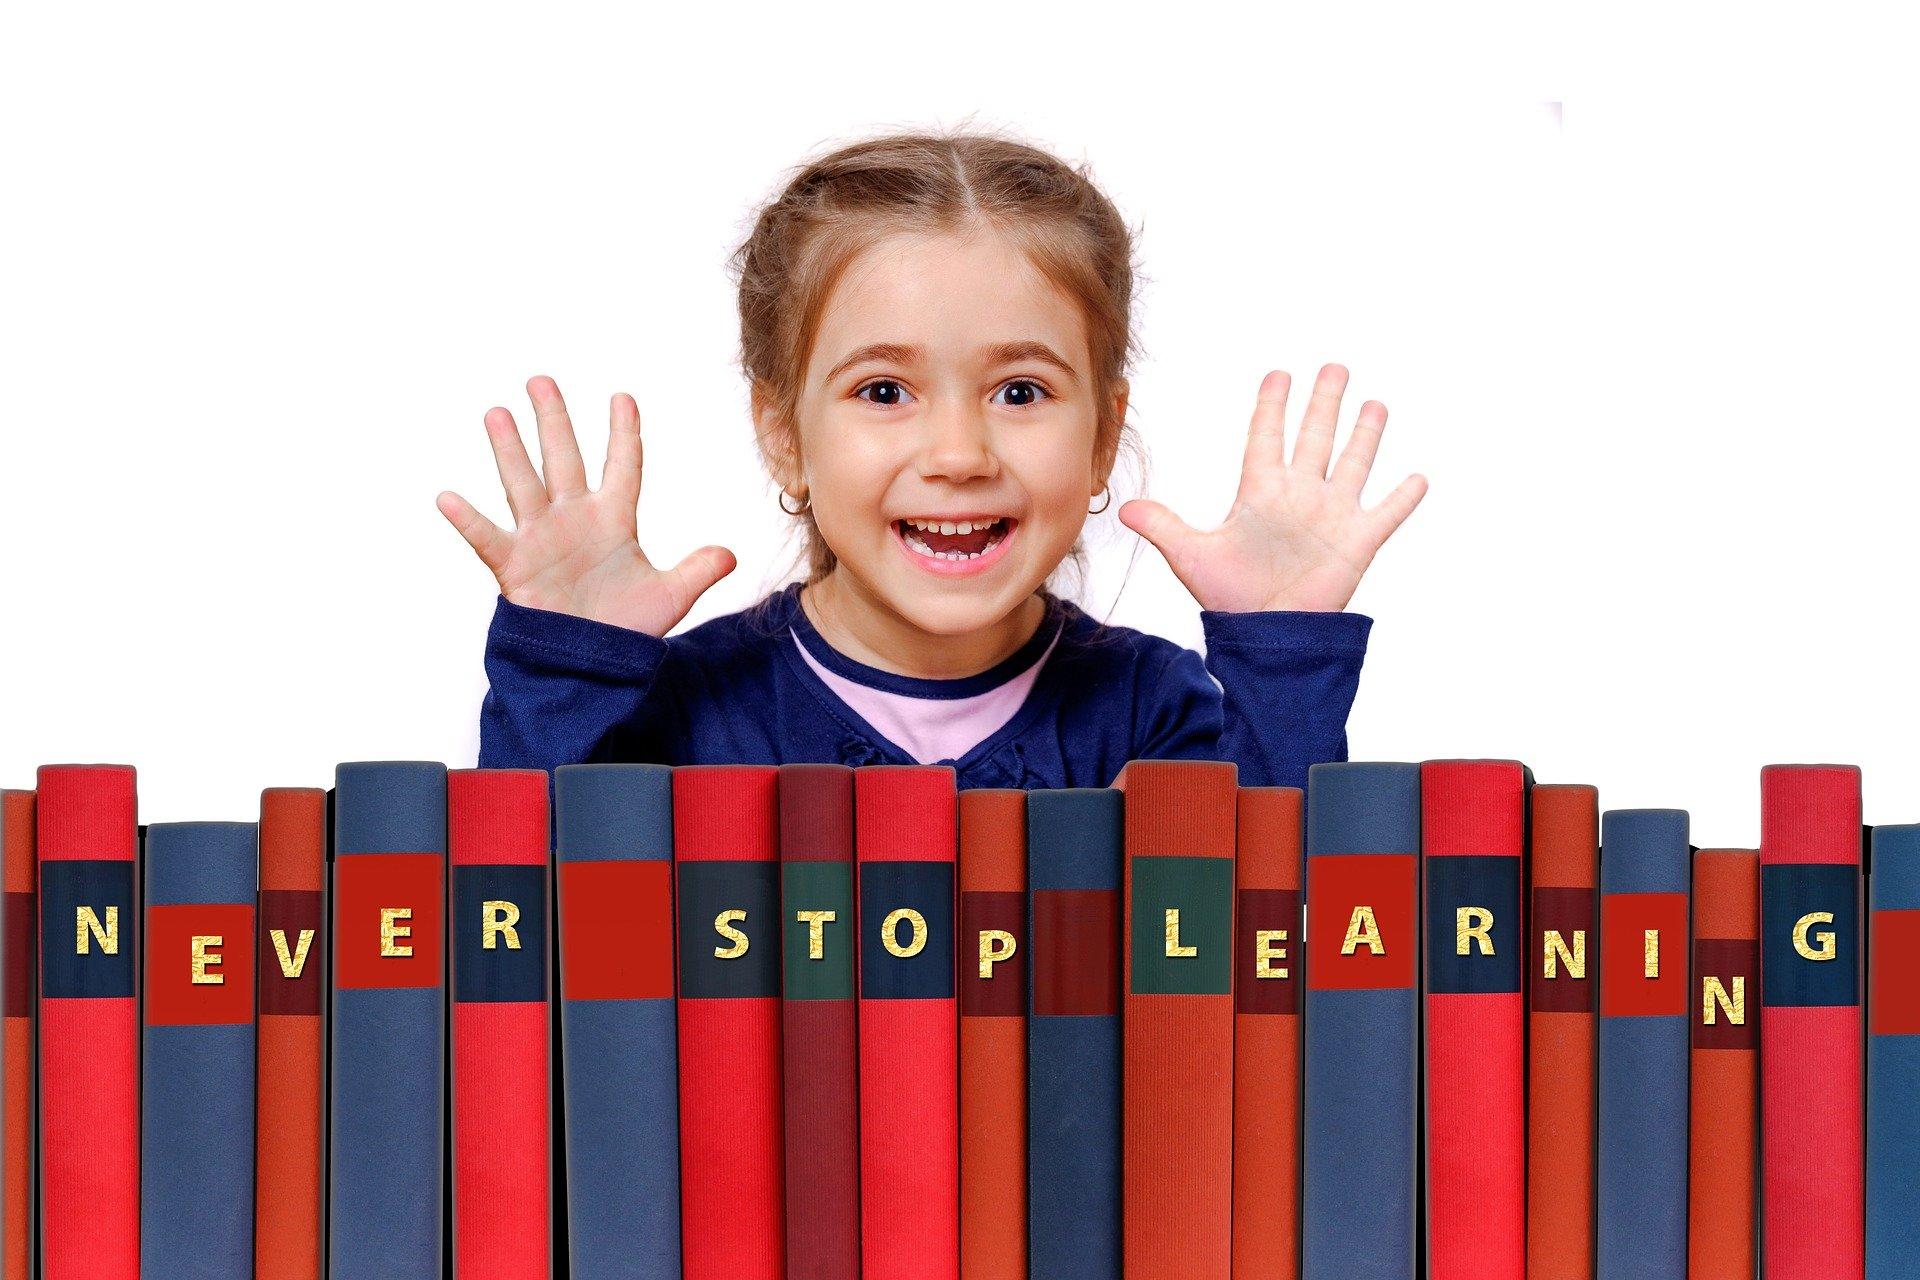 treinamento, preparação, aprendizado, leitura, evolução, desenvolvimento profissional